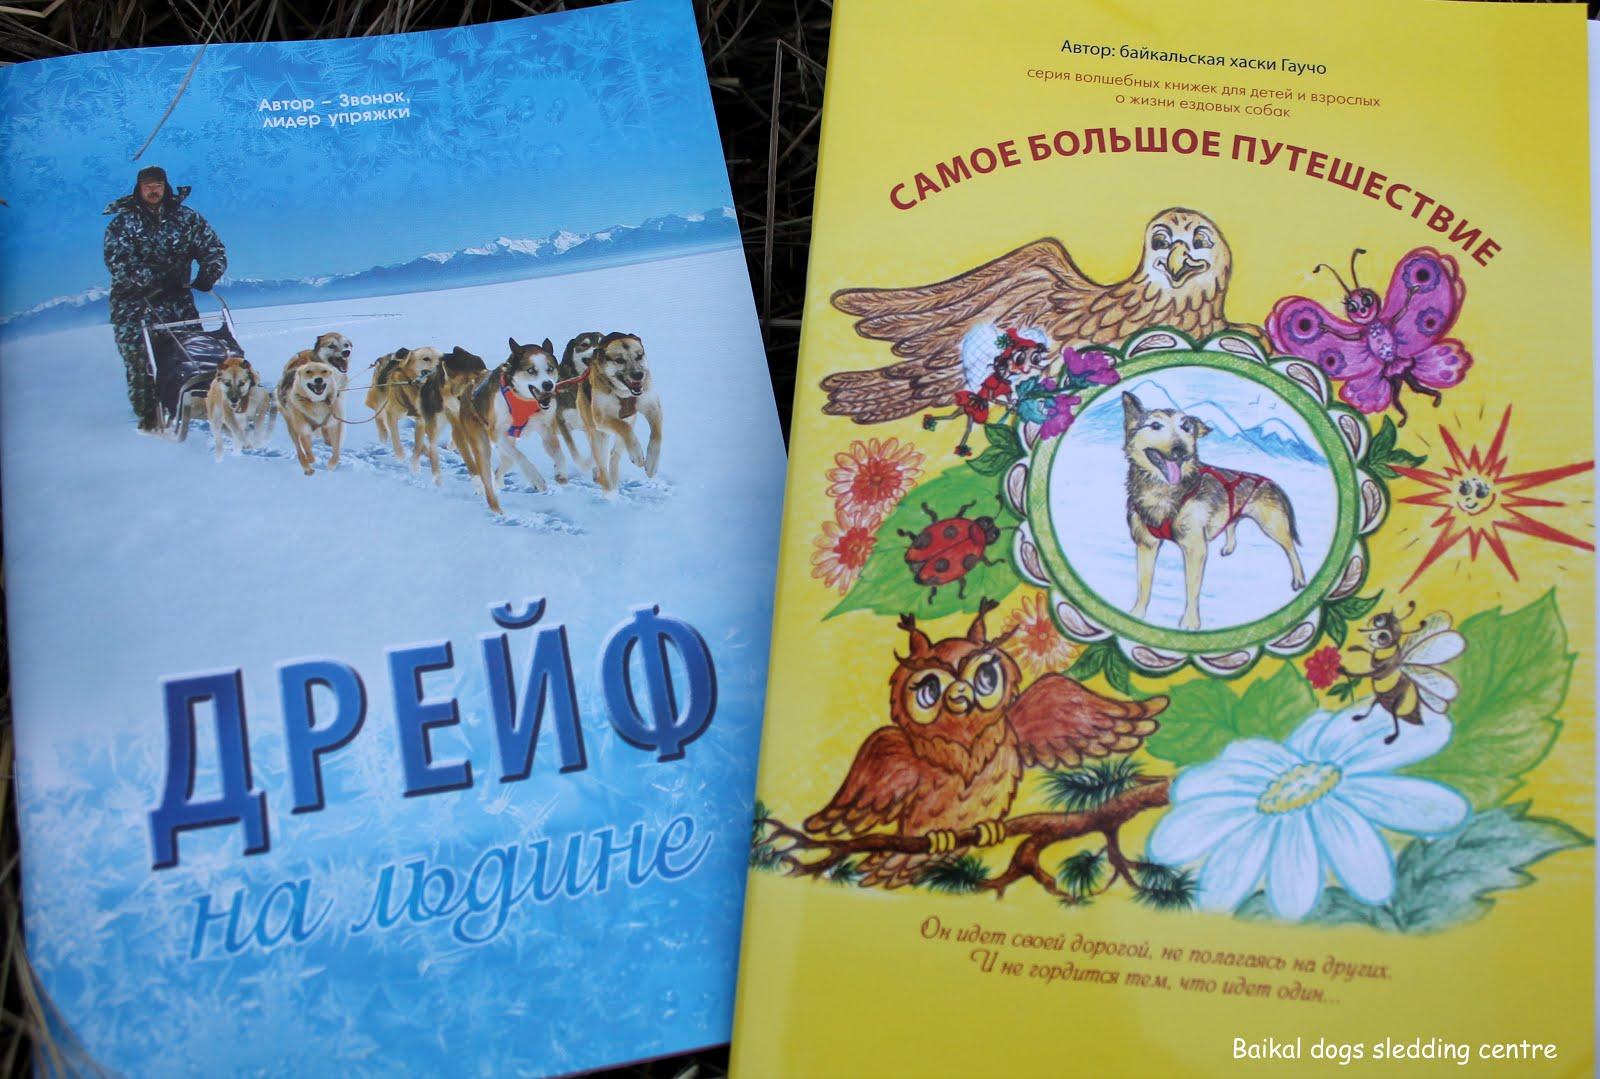 Книги о реальных историях от настоящих хвостатых героев Центра